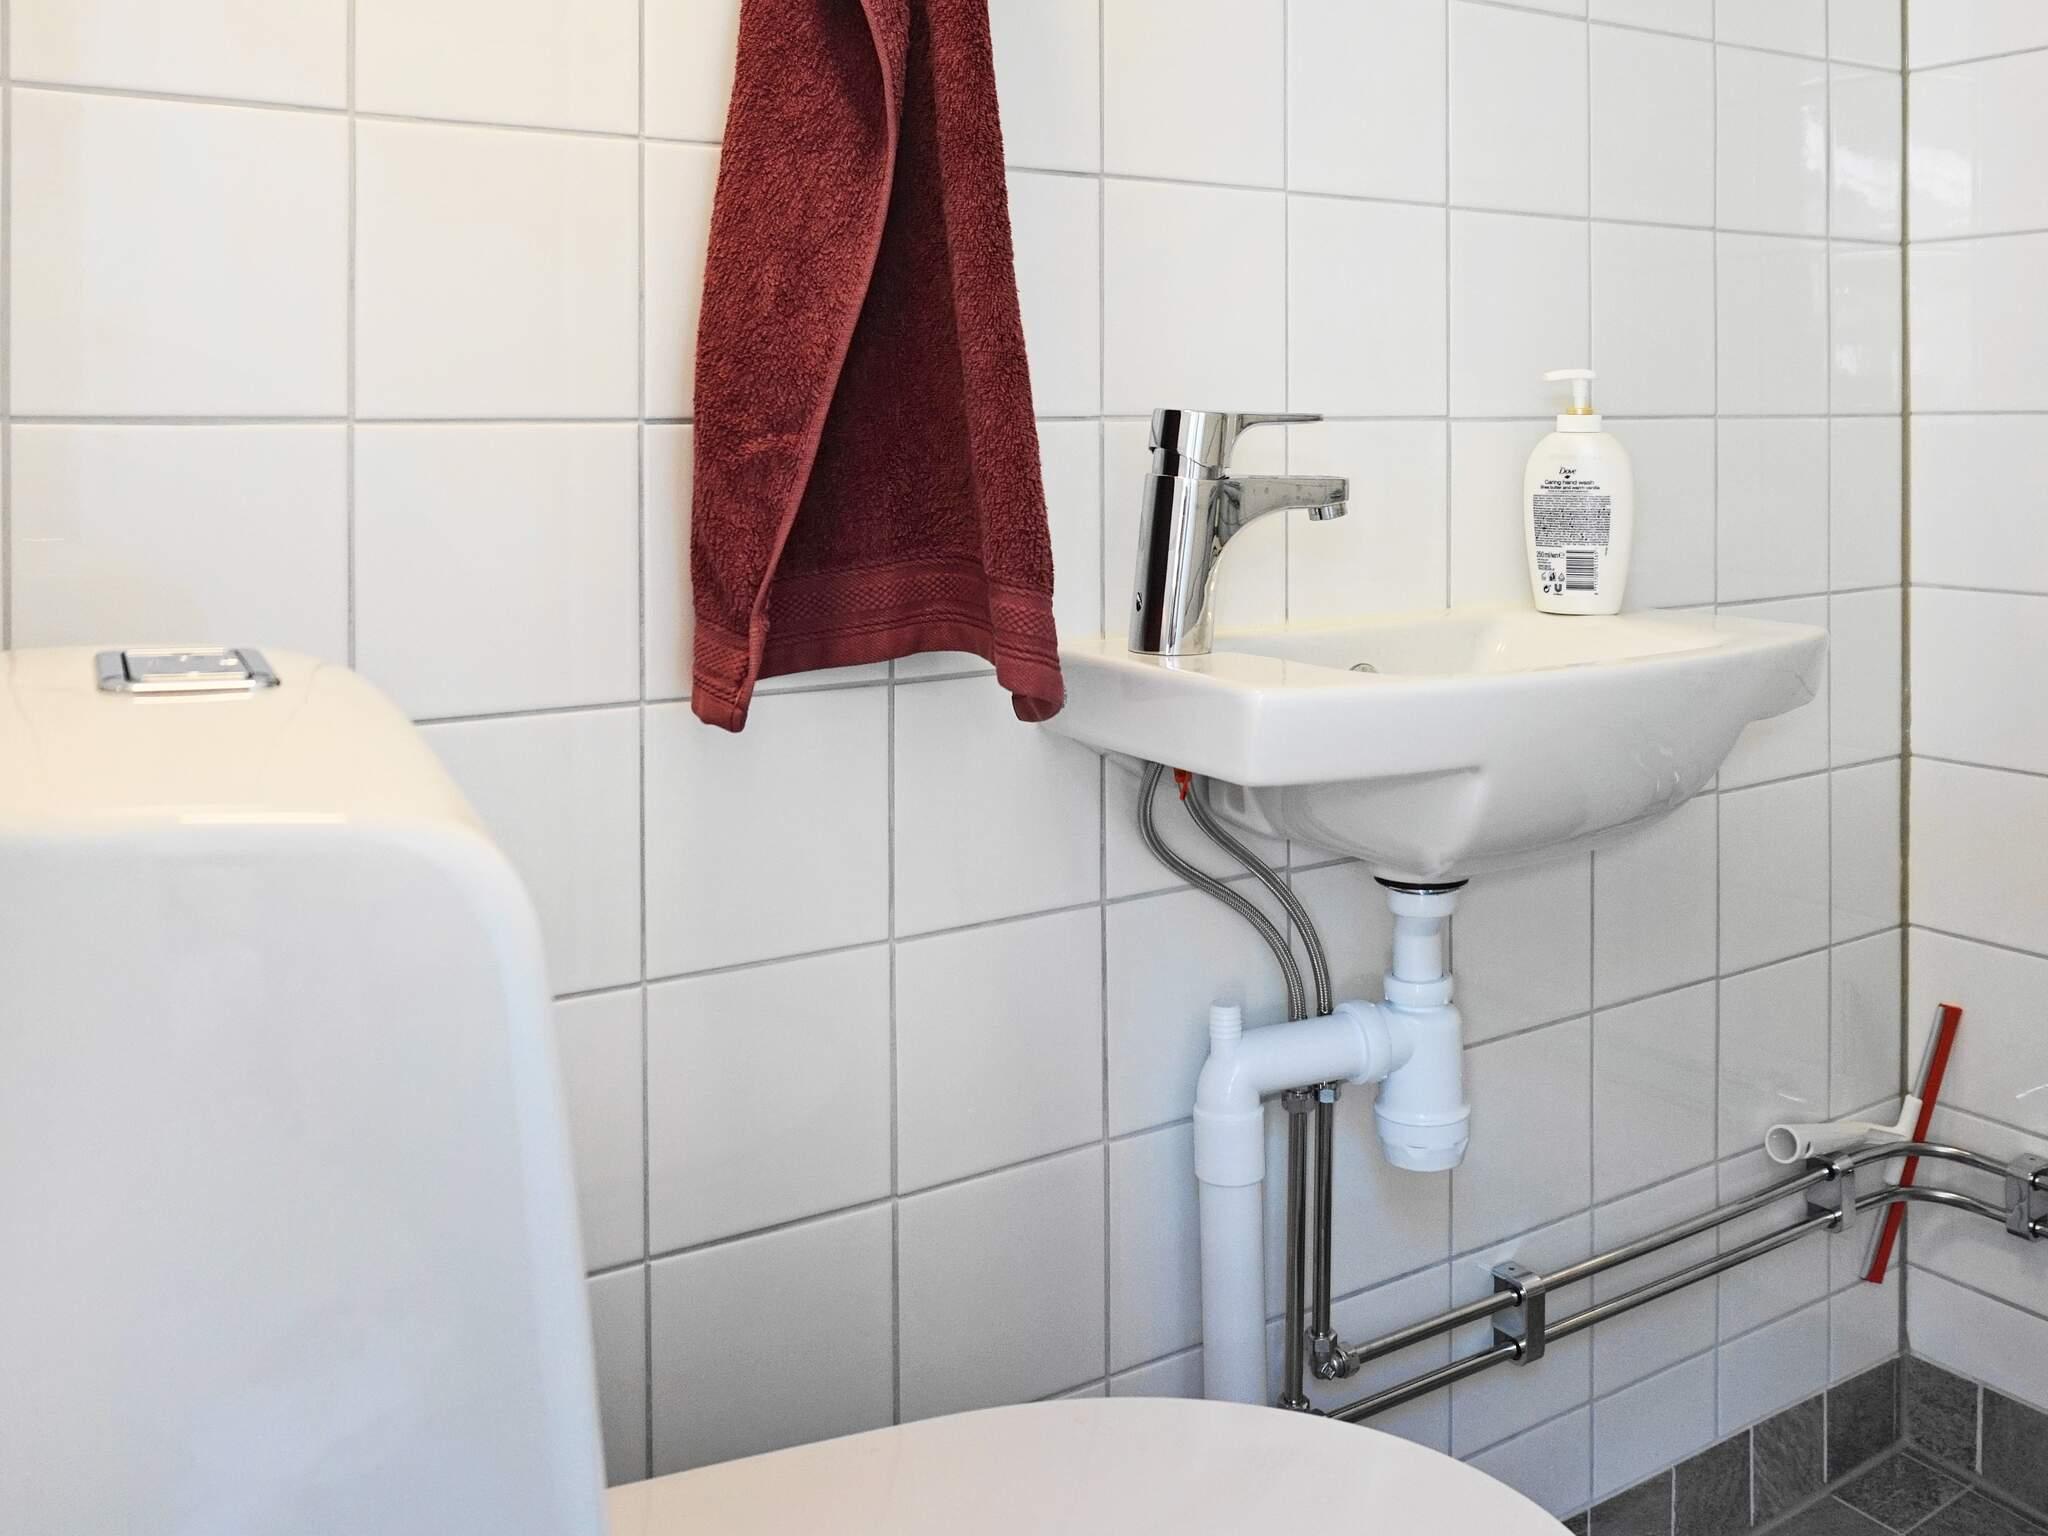 Ferienhaus Tjörn/Hakenäset (2611484), Hakenäset, Tjörn, Westschweden, Schweden, Bild 5